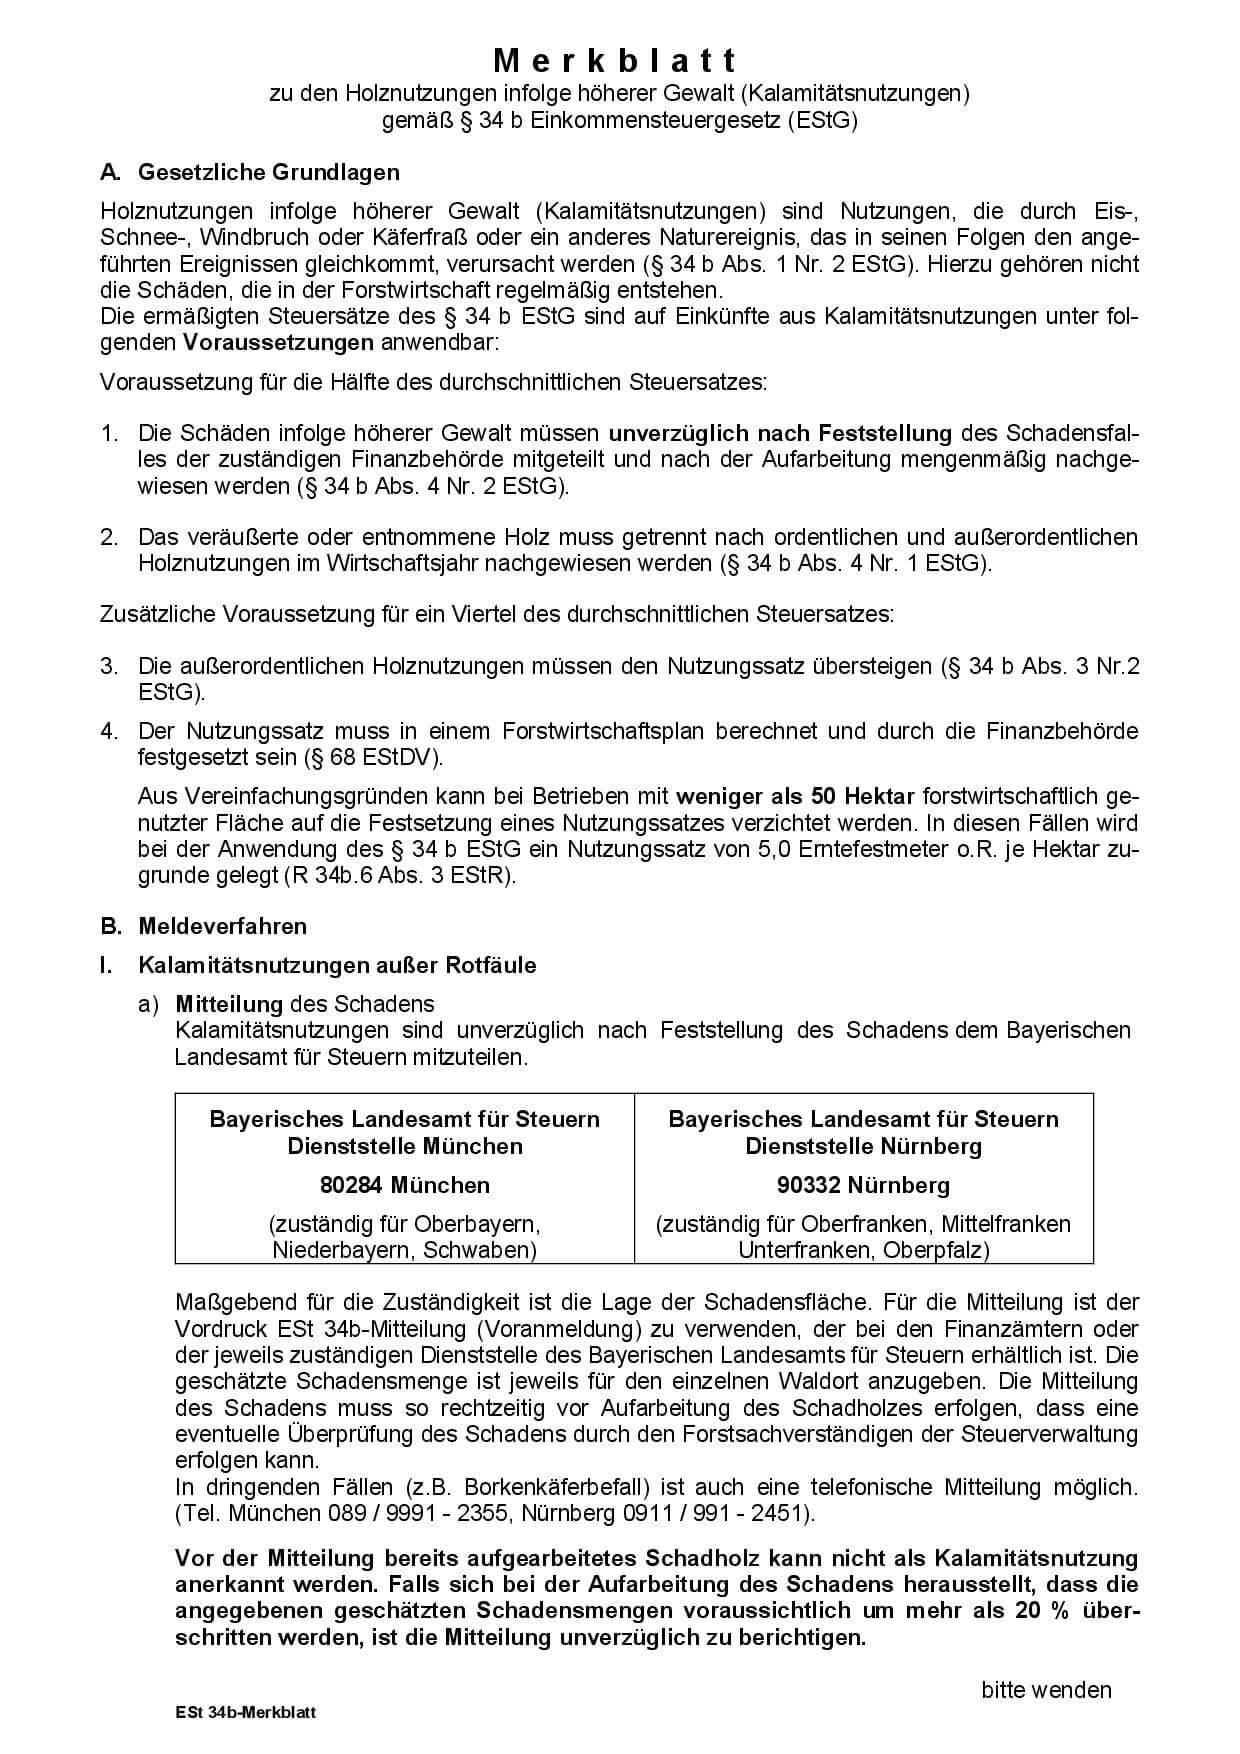 34b-Merkblatt-Kalamitaetsnutzungen-2018